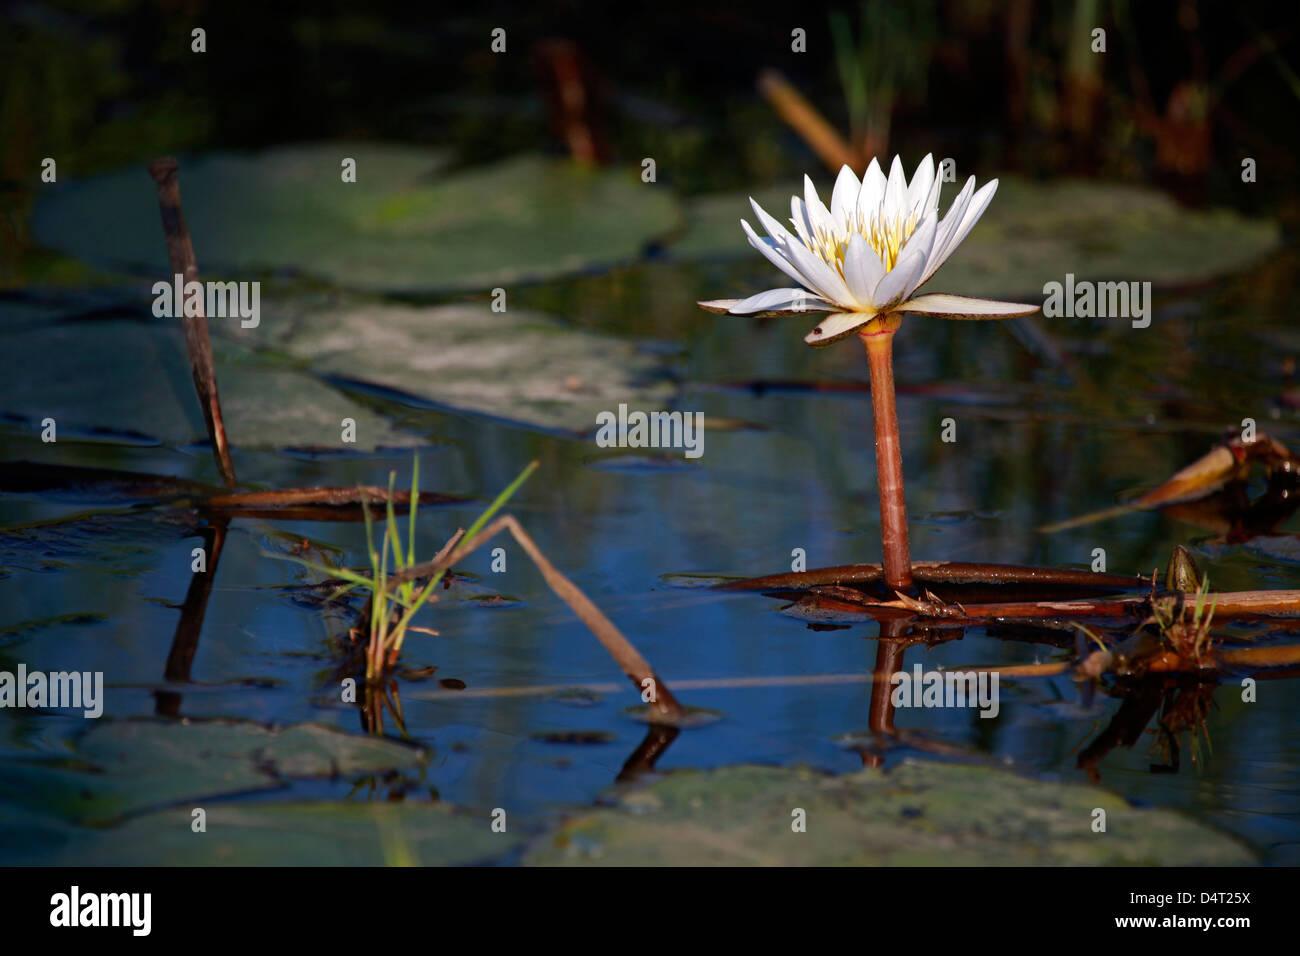 Botswana, Okavango Delta. Water Lily of the Okavango. - Stock Image